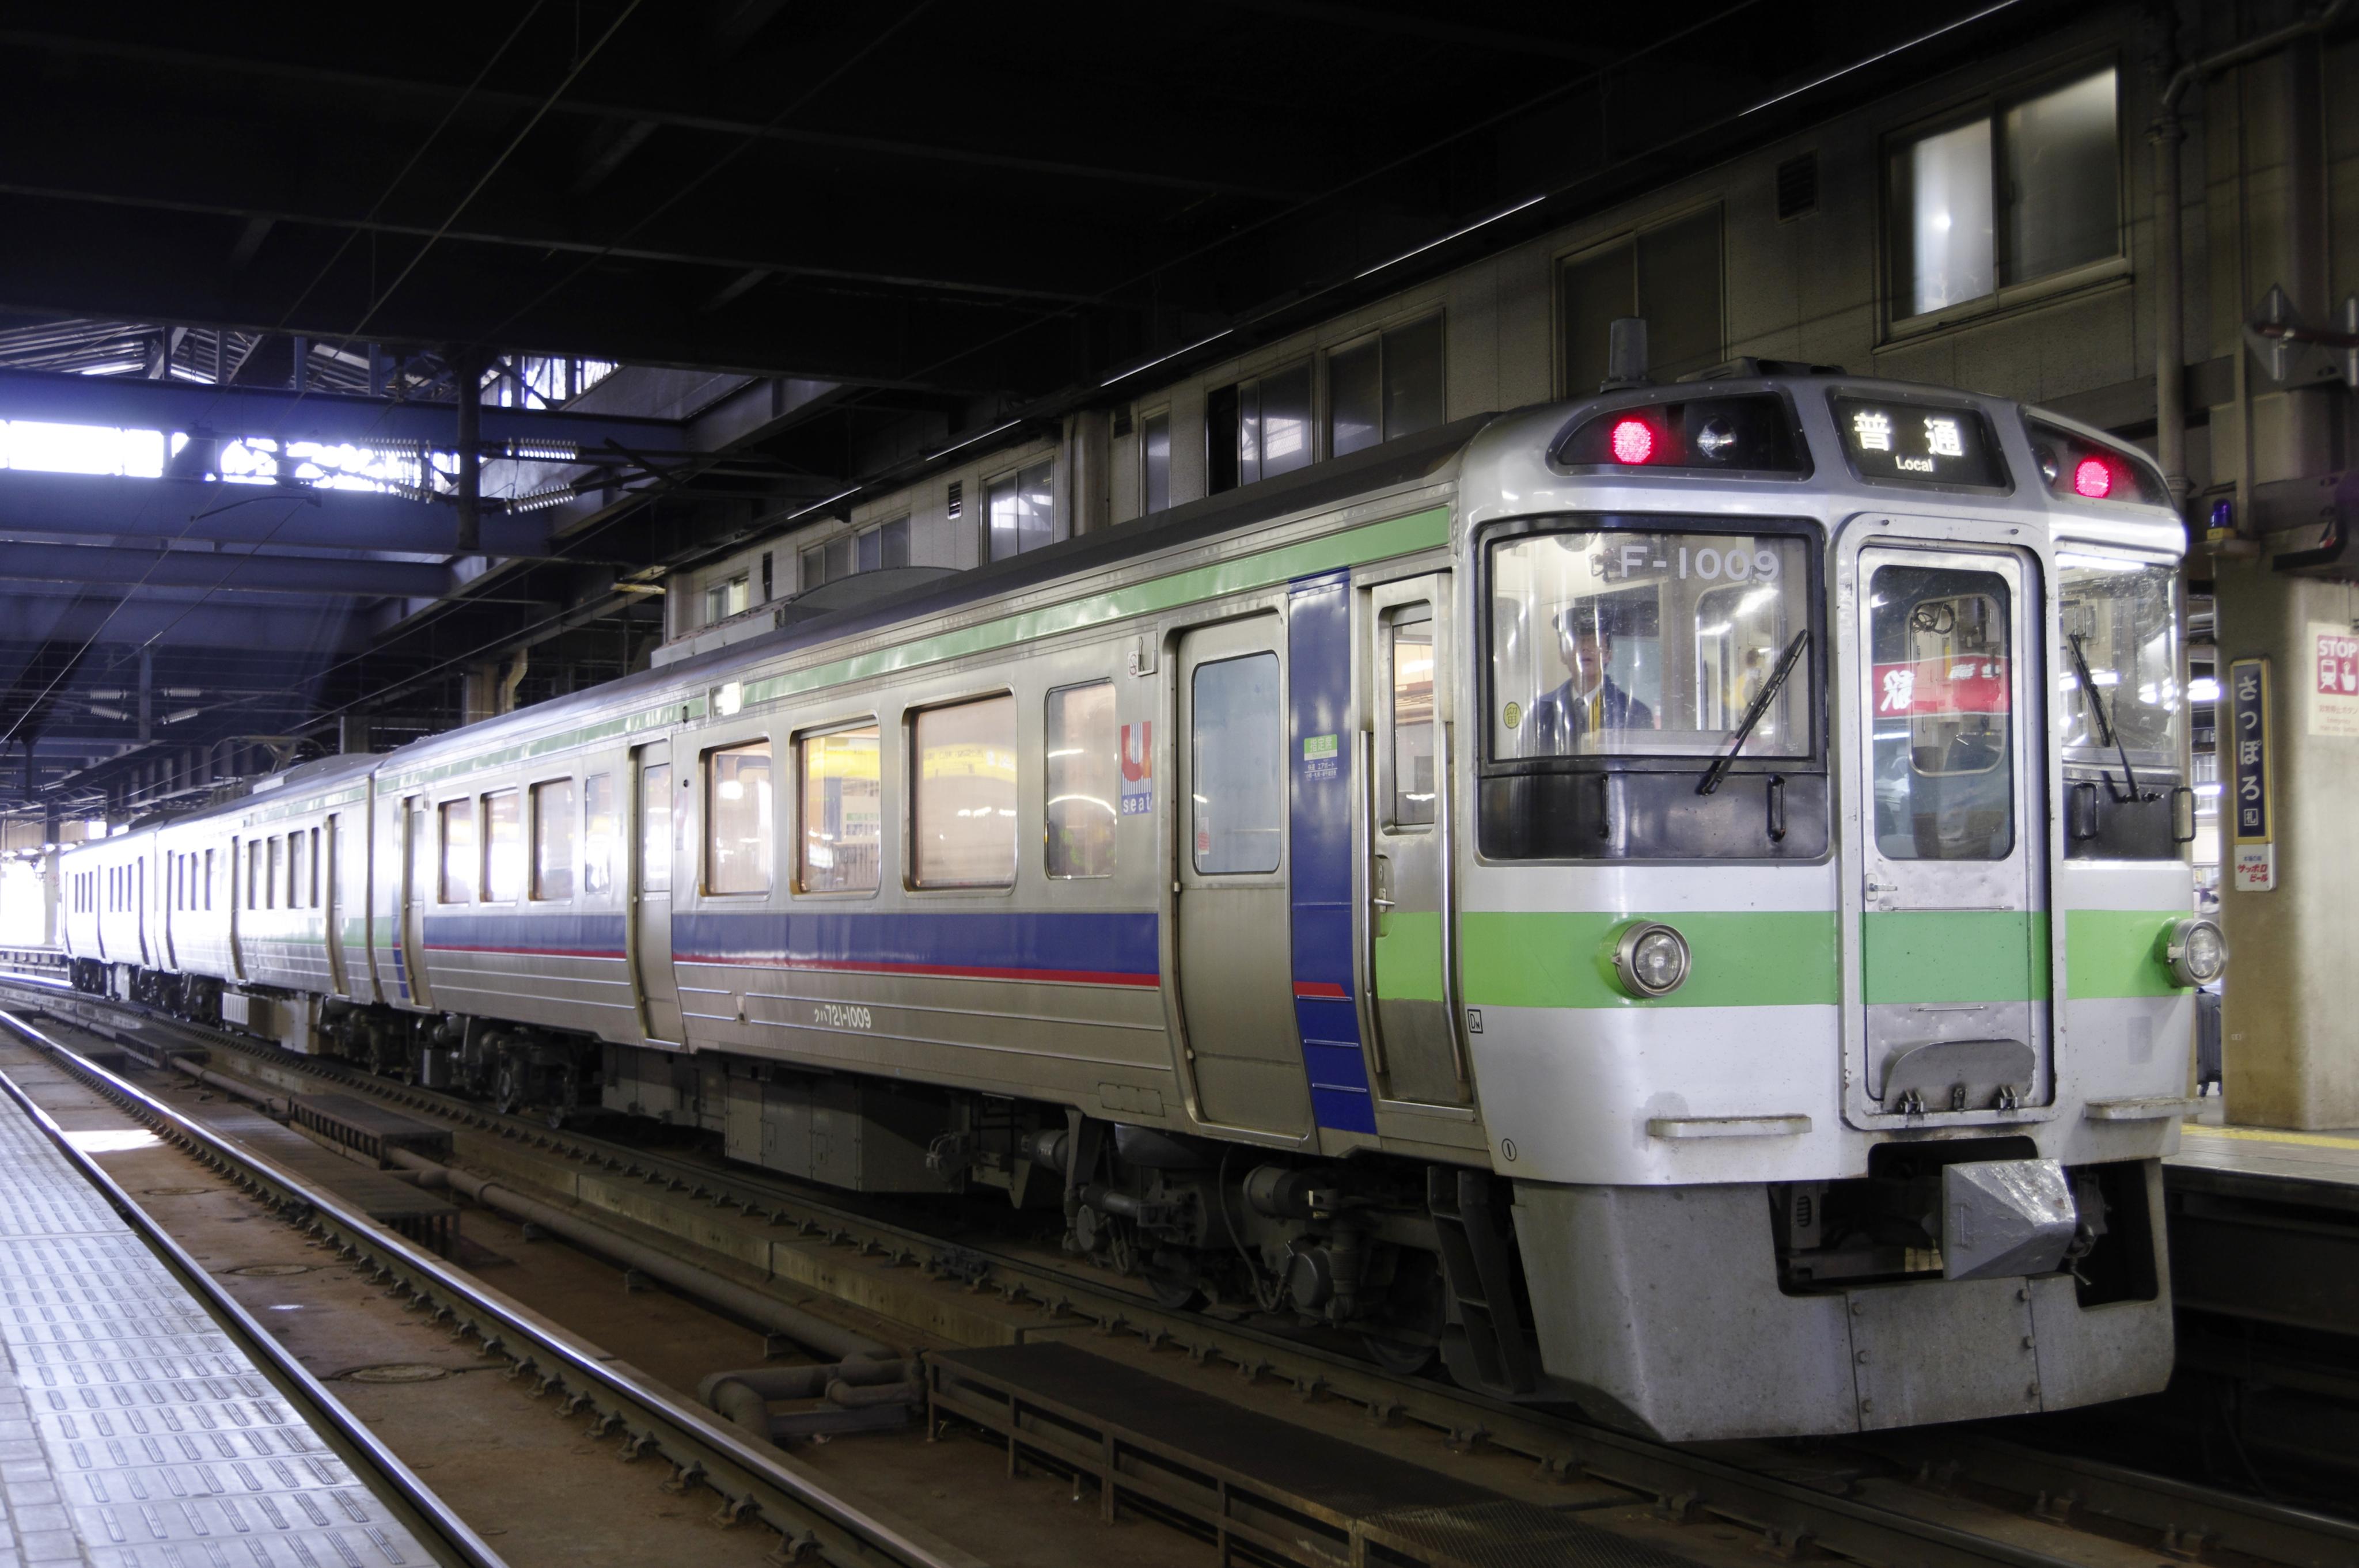 札幌駅 721系F1009編成 2781M_180520.jpg